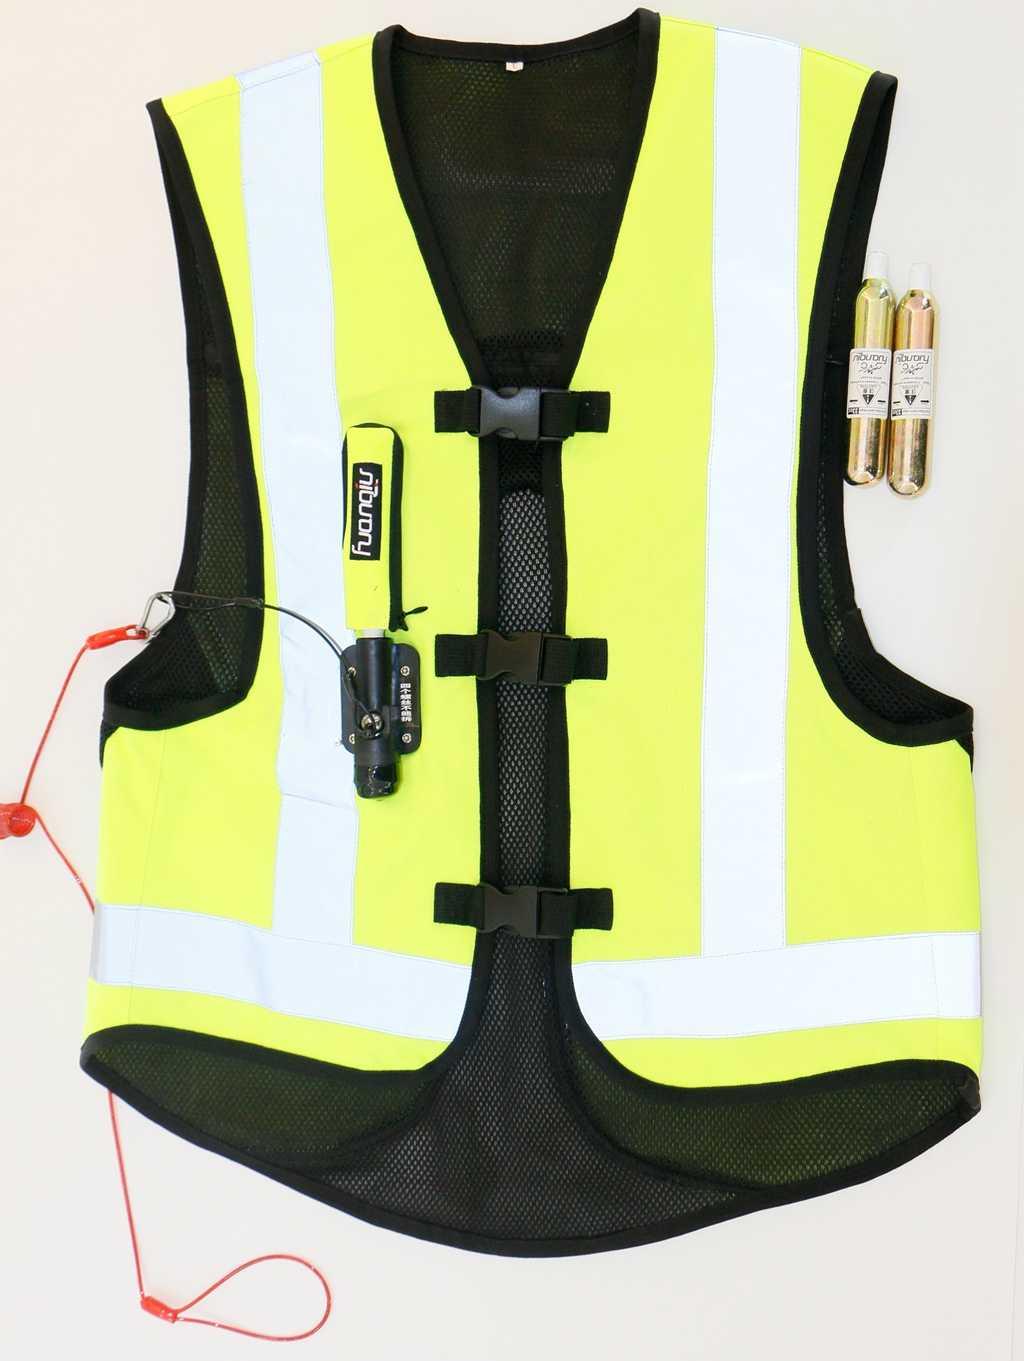 Tech-air course Airbag système colonne vertébrale motos moto équipement de course ballon ride gilet airbag sûr CO 2